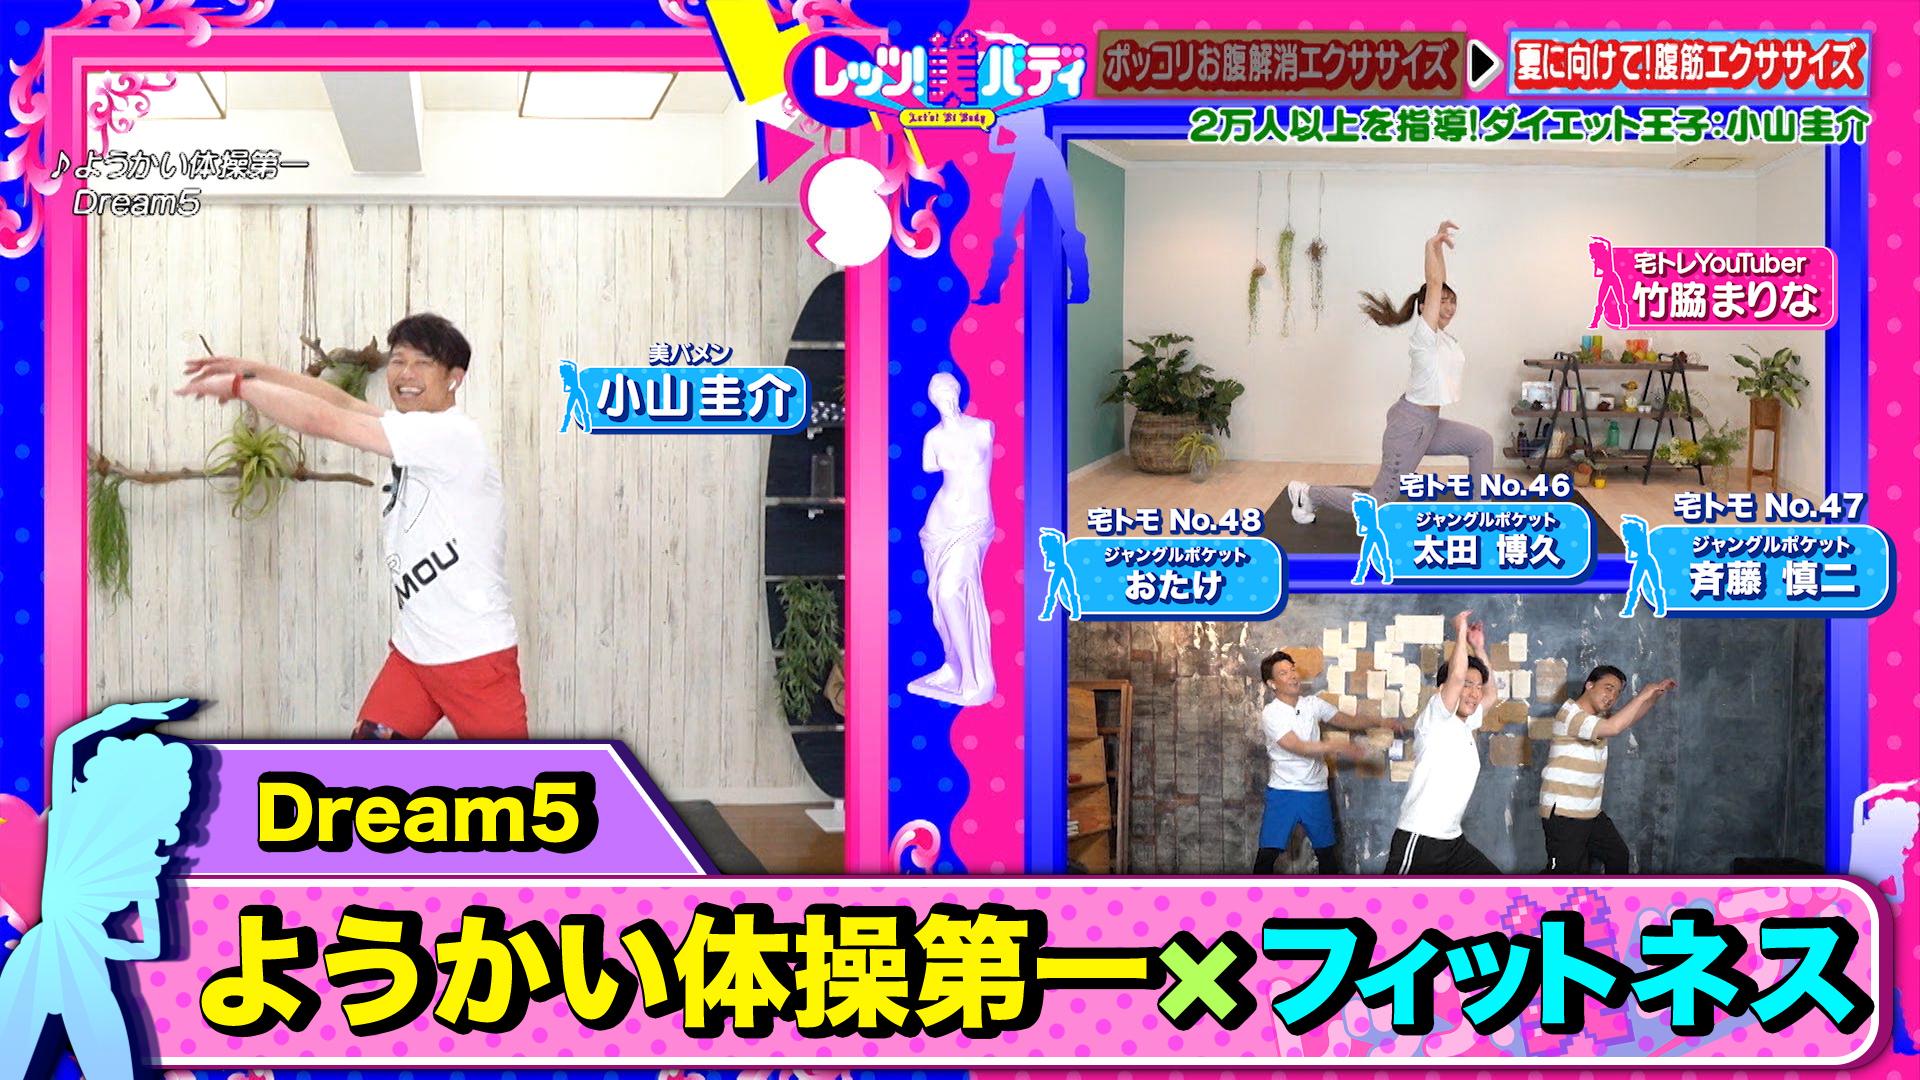 Let's!美バディ #123 竹脇まりな&ジャングルポケット3